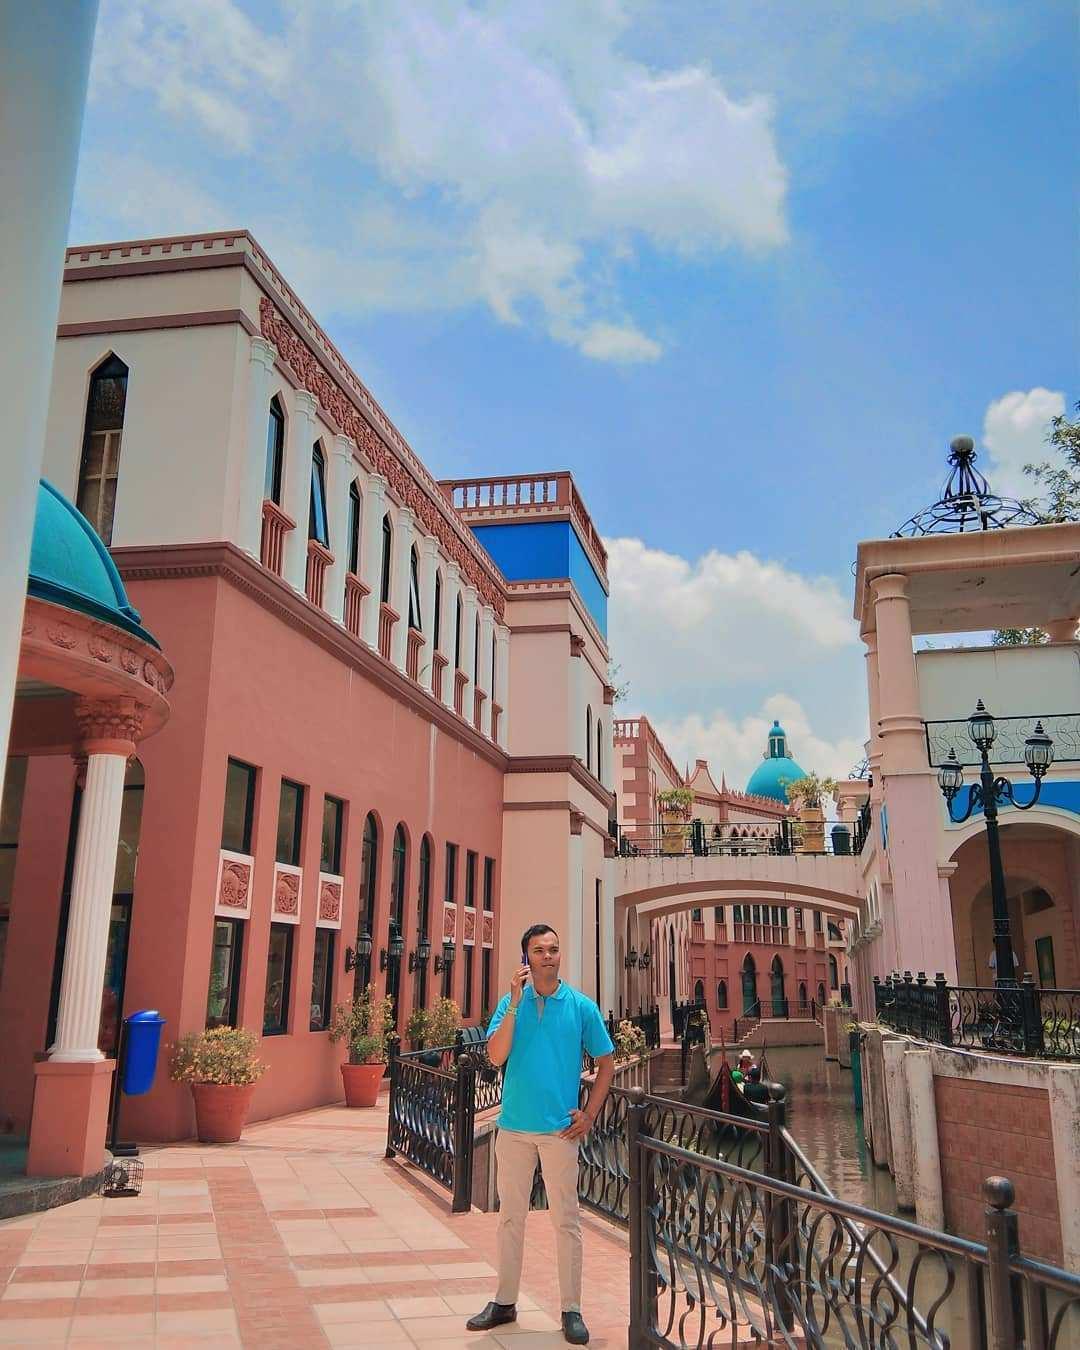 Berfoto dengan Background Bangunan di Little Vanice Kota BUnga Cianjur Image From @anggaaditya4017